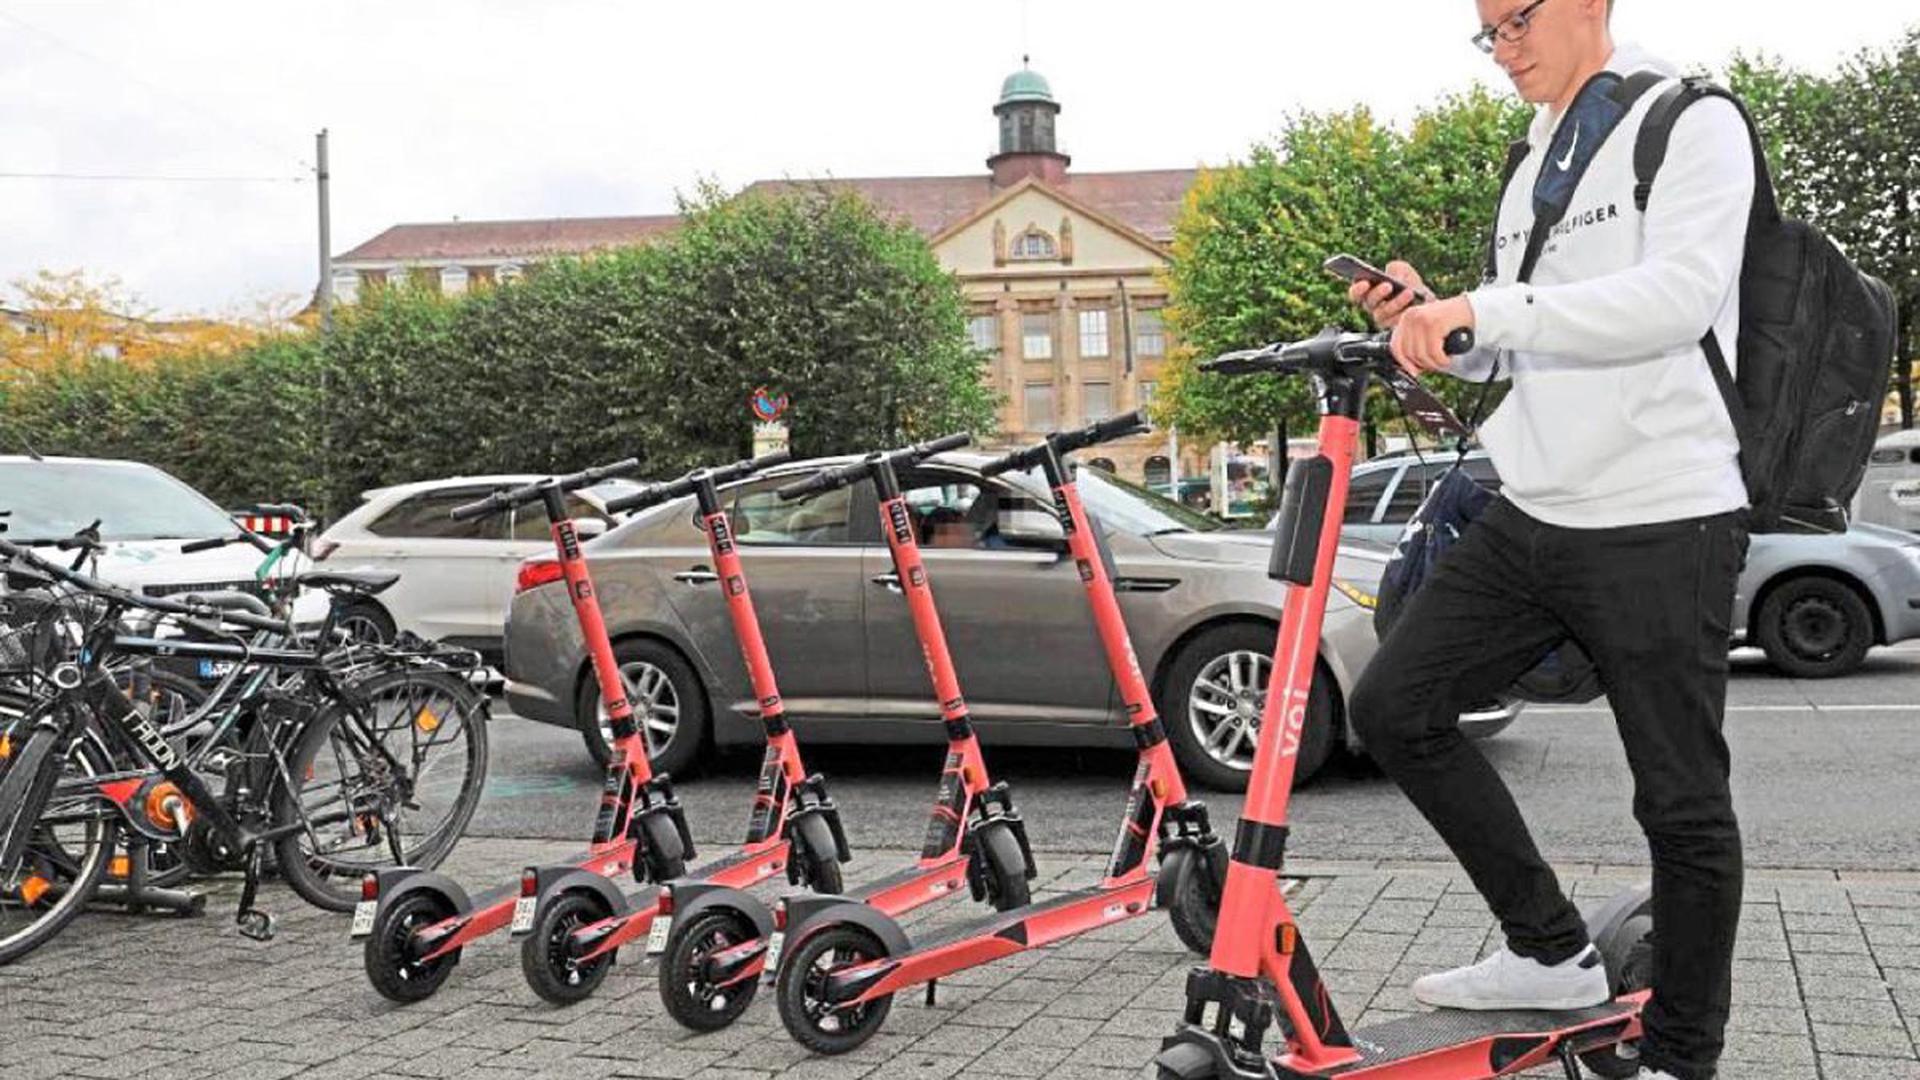 Da waren es nur noch vier: Marius Kleinfeld checkt das neue Mobilitätsangebot in der Innenstadt. Der schwedische Scooter-Verleiher VOI hat mehrere Hundert E-Scooter über die Kernstadt verteilt. Die Neugier ist in der Anfangszeit groß.